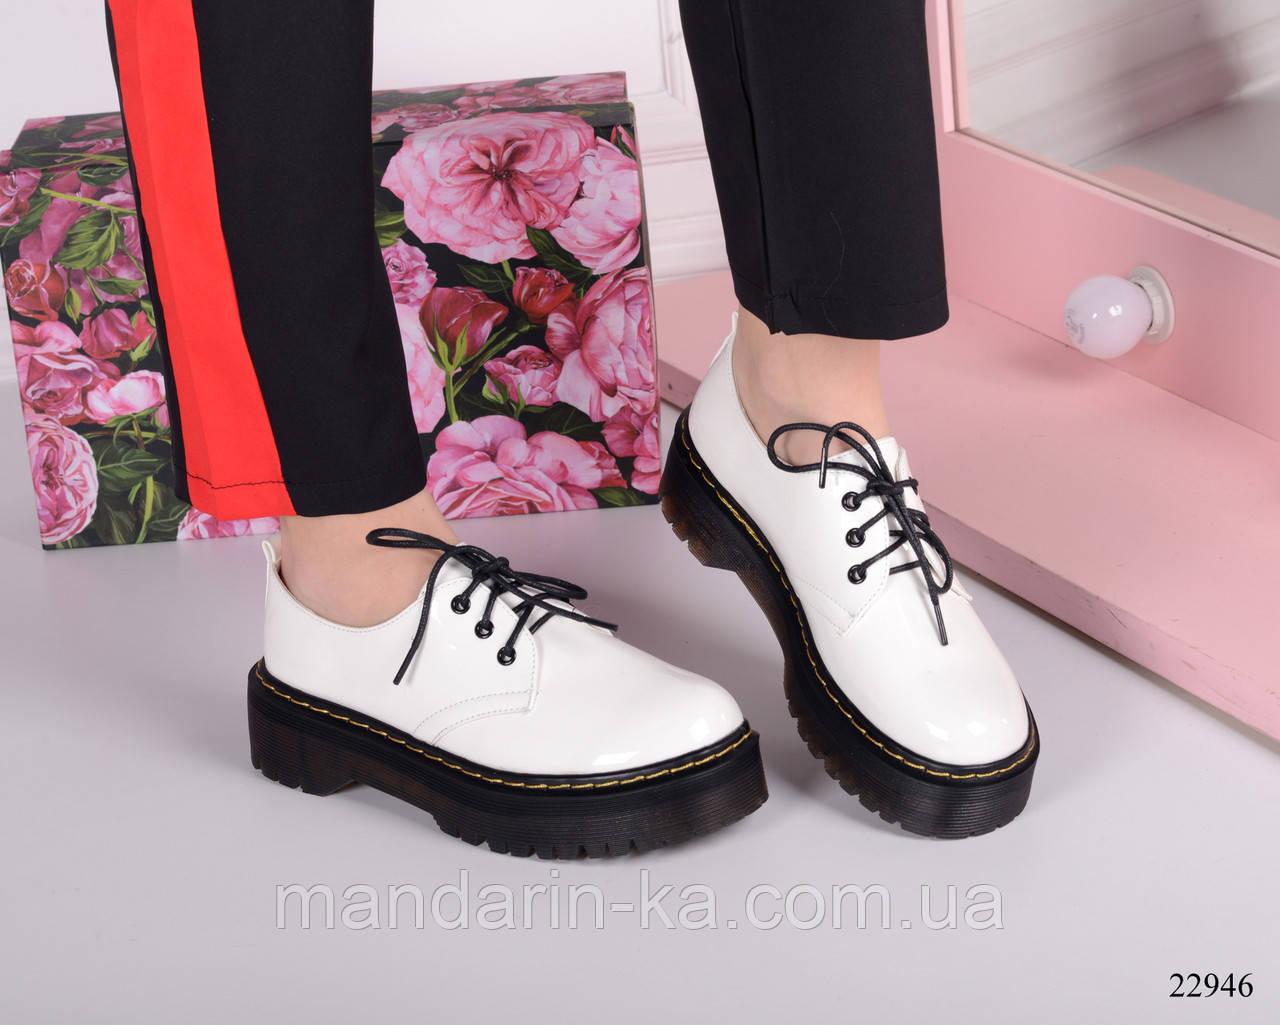 Женские броги  туфли  на шнуровке